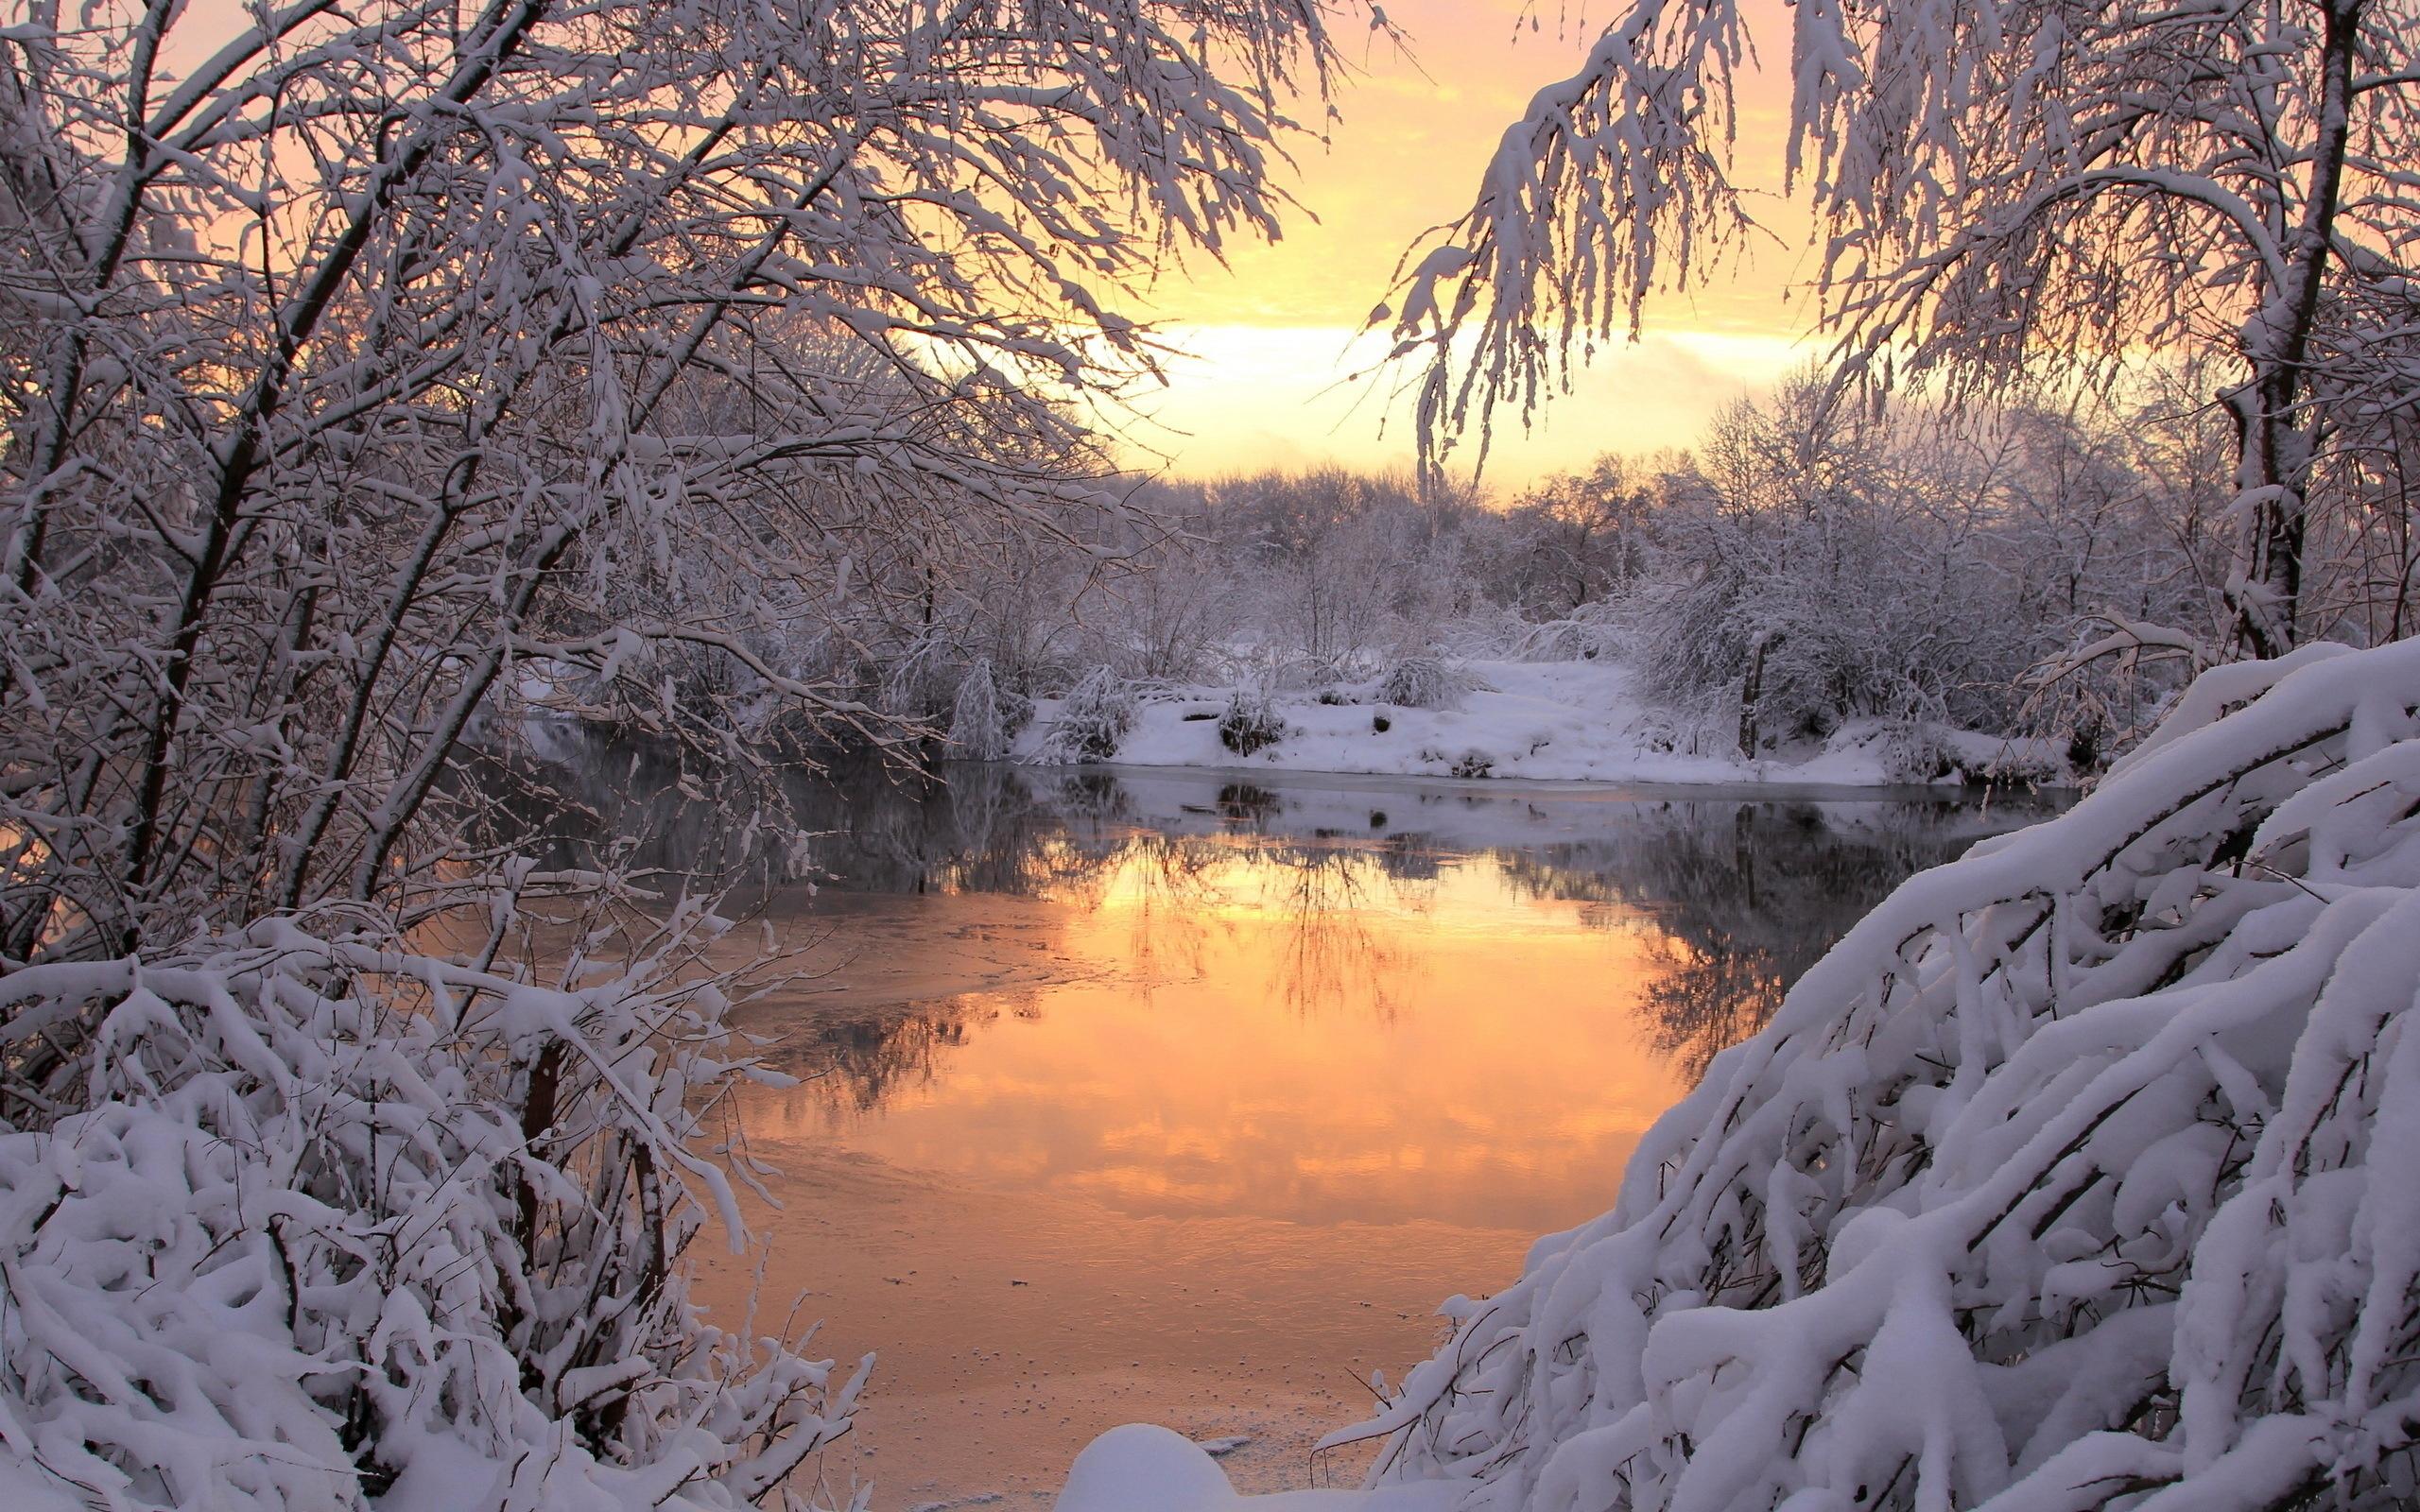 уже лучшие картинки зимы на рабочий стол специальной